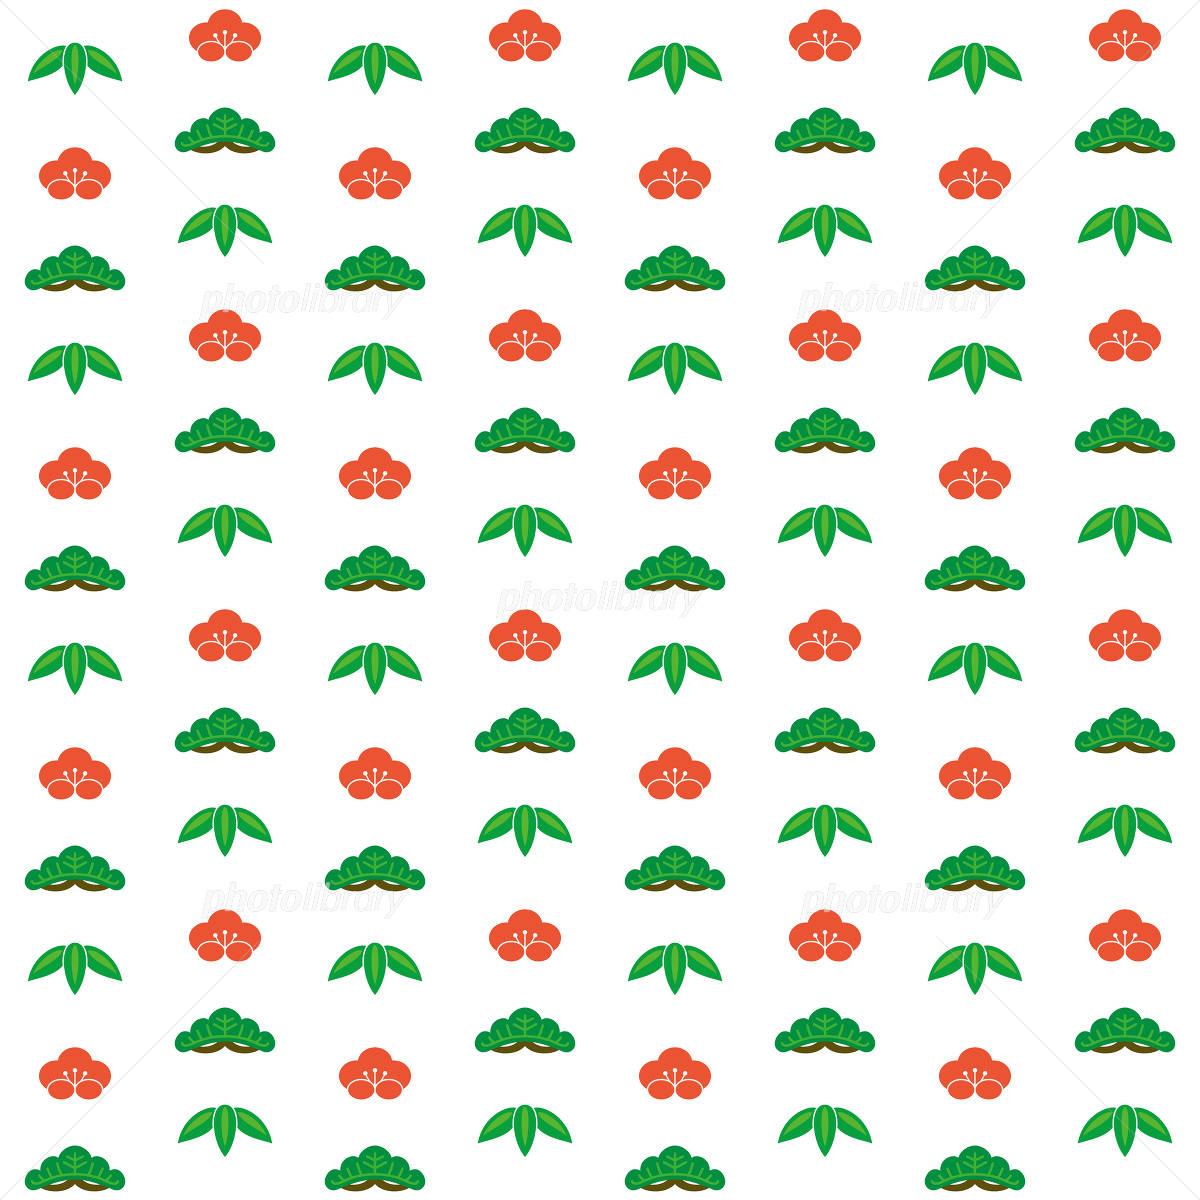 松竹梅の壁紙 イラスト素材 1076217 フォトライブラリー